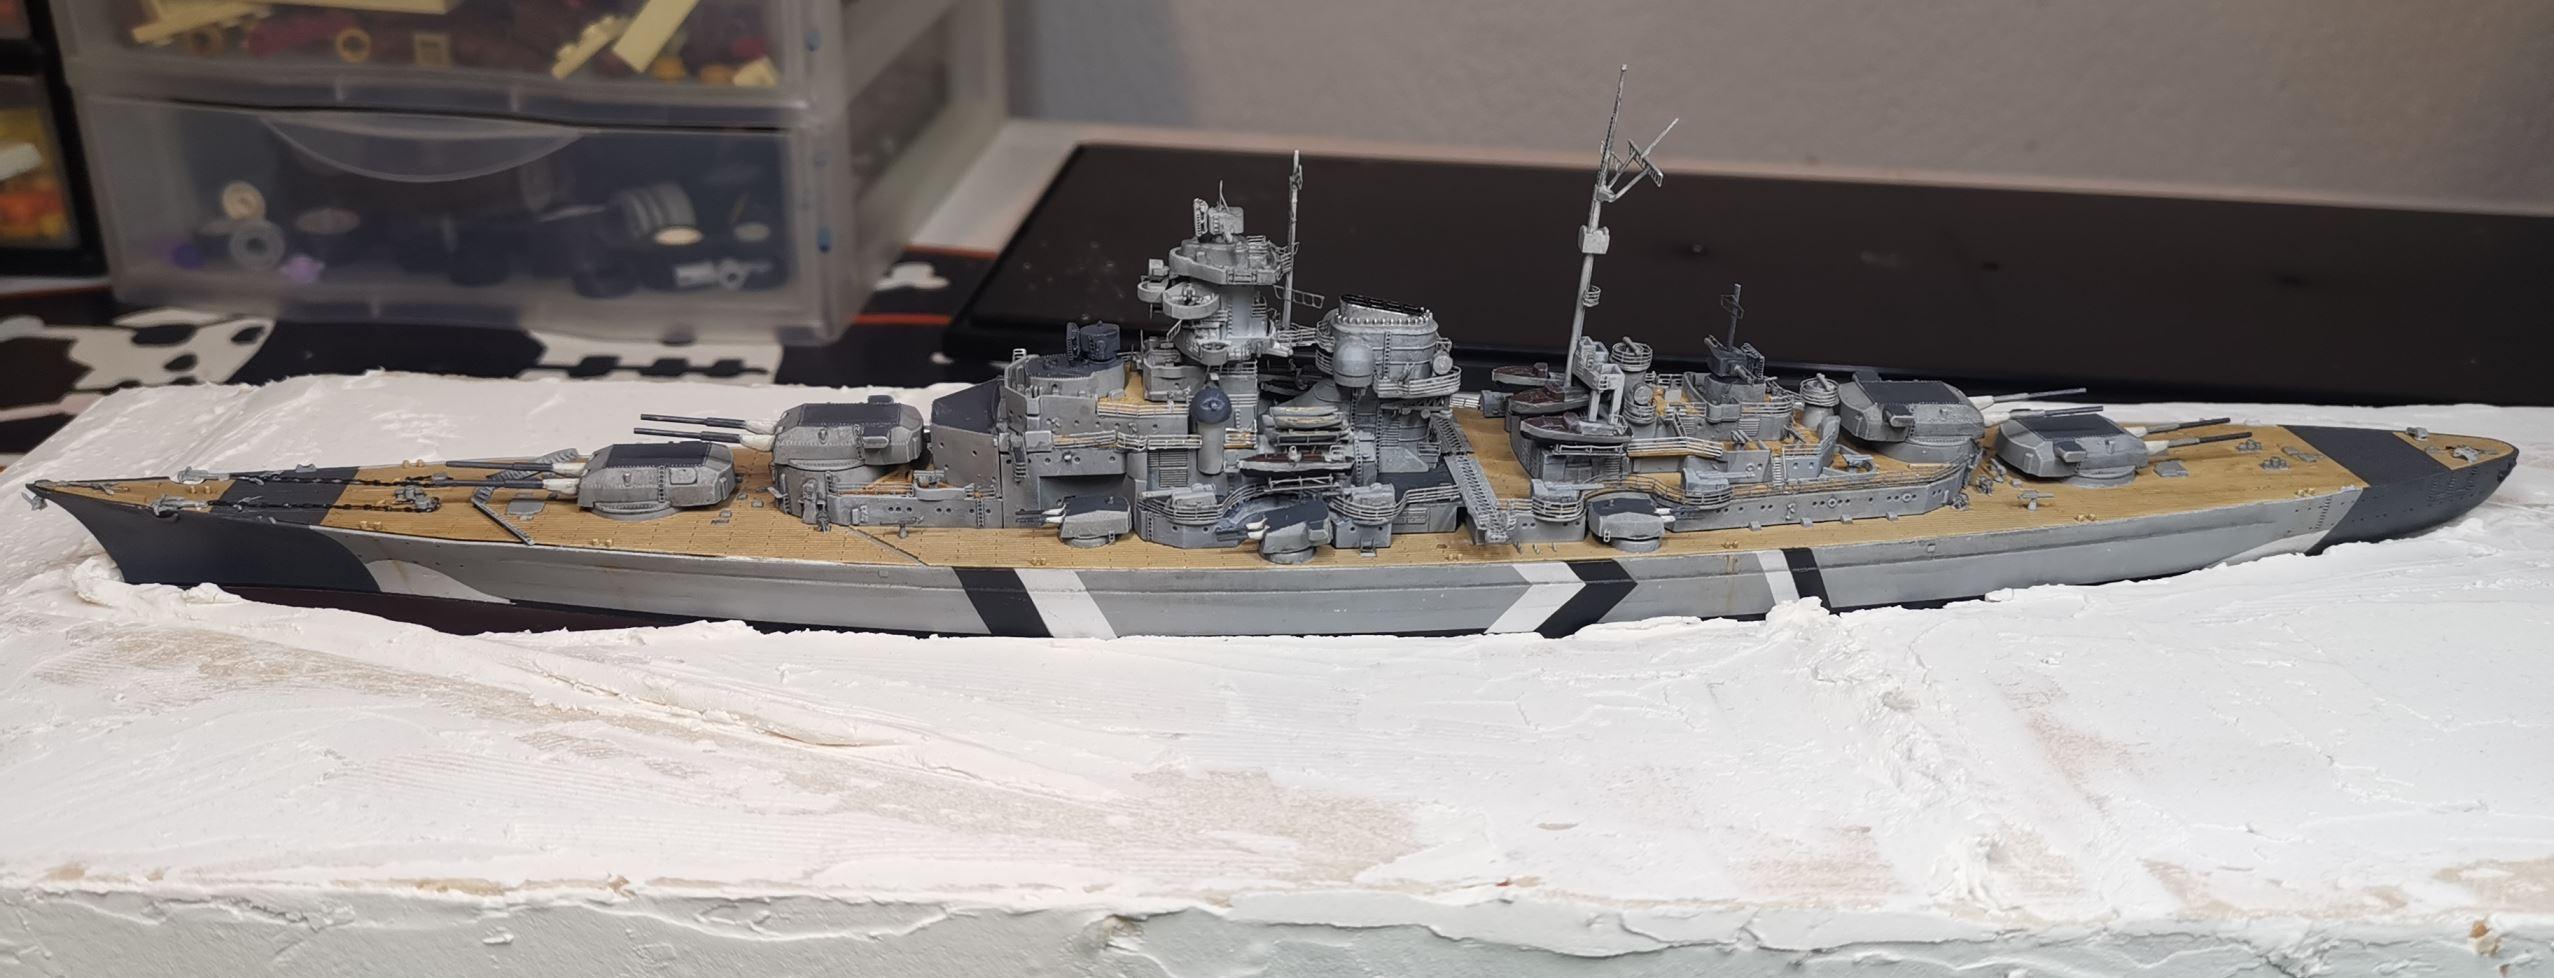 Bismarck MENG au 1/700e kit de PE Eduard - Page 6 010210